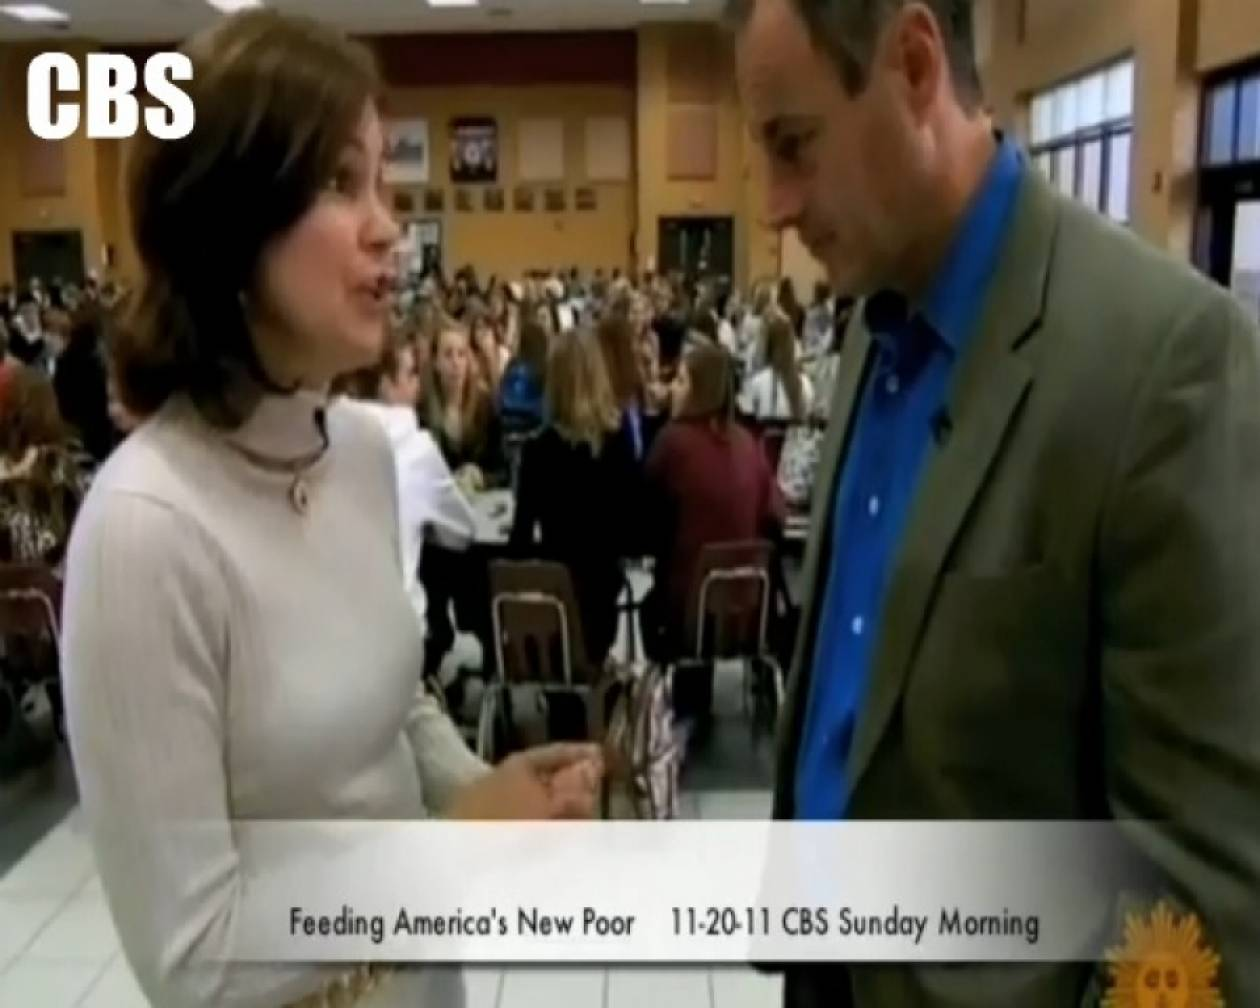 Ρεπορτάζ-σοκ του CBS για τη φτώχεια στην Αμερική